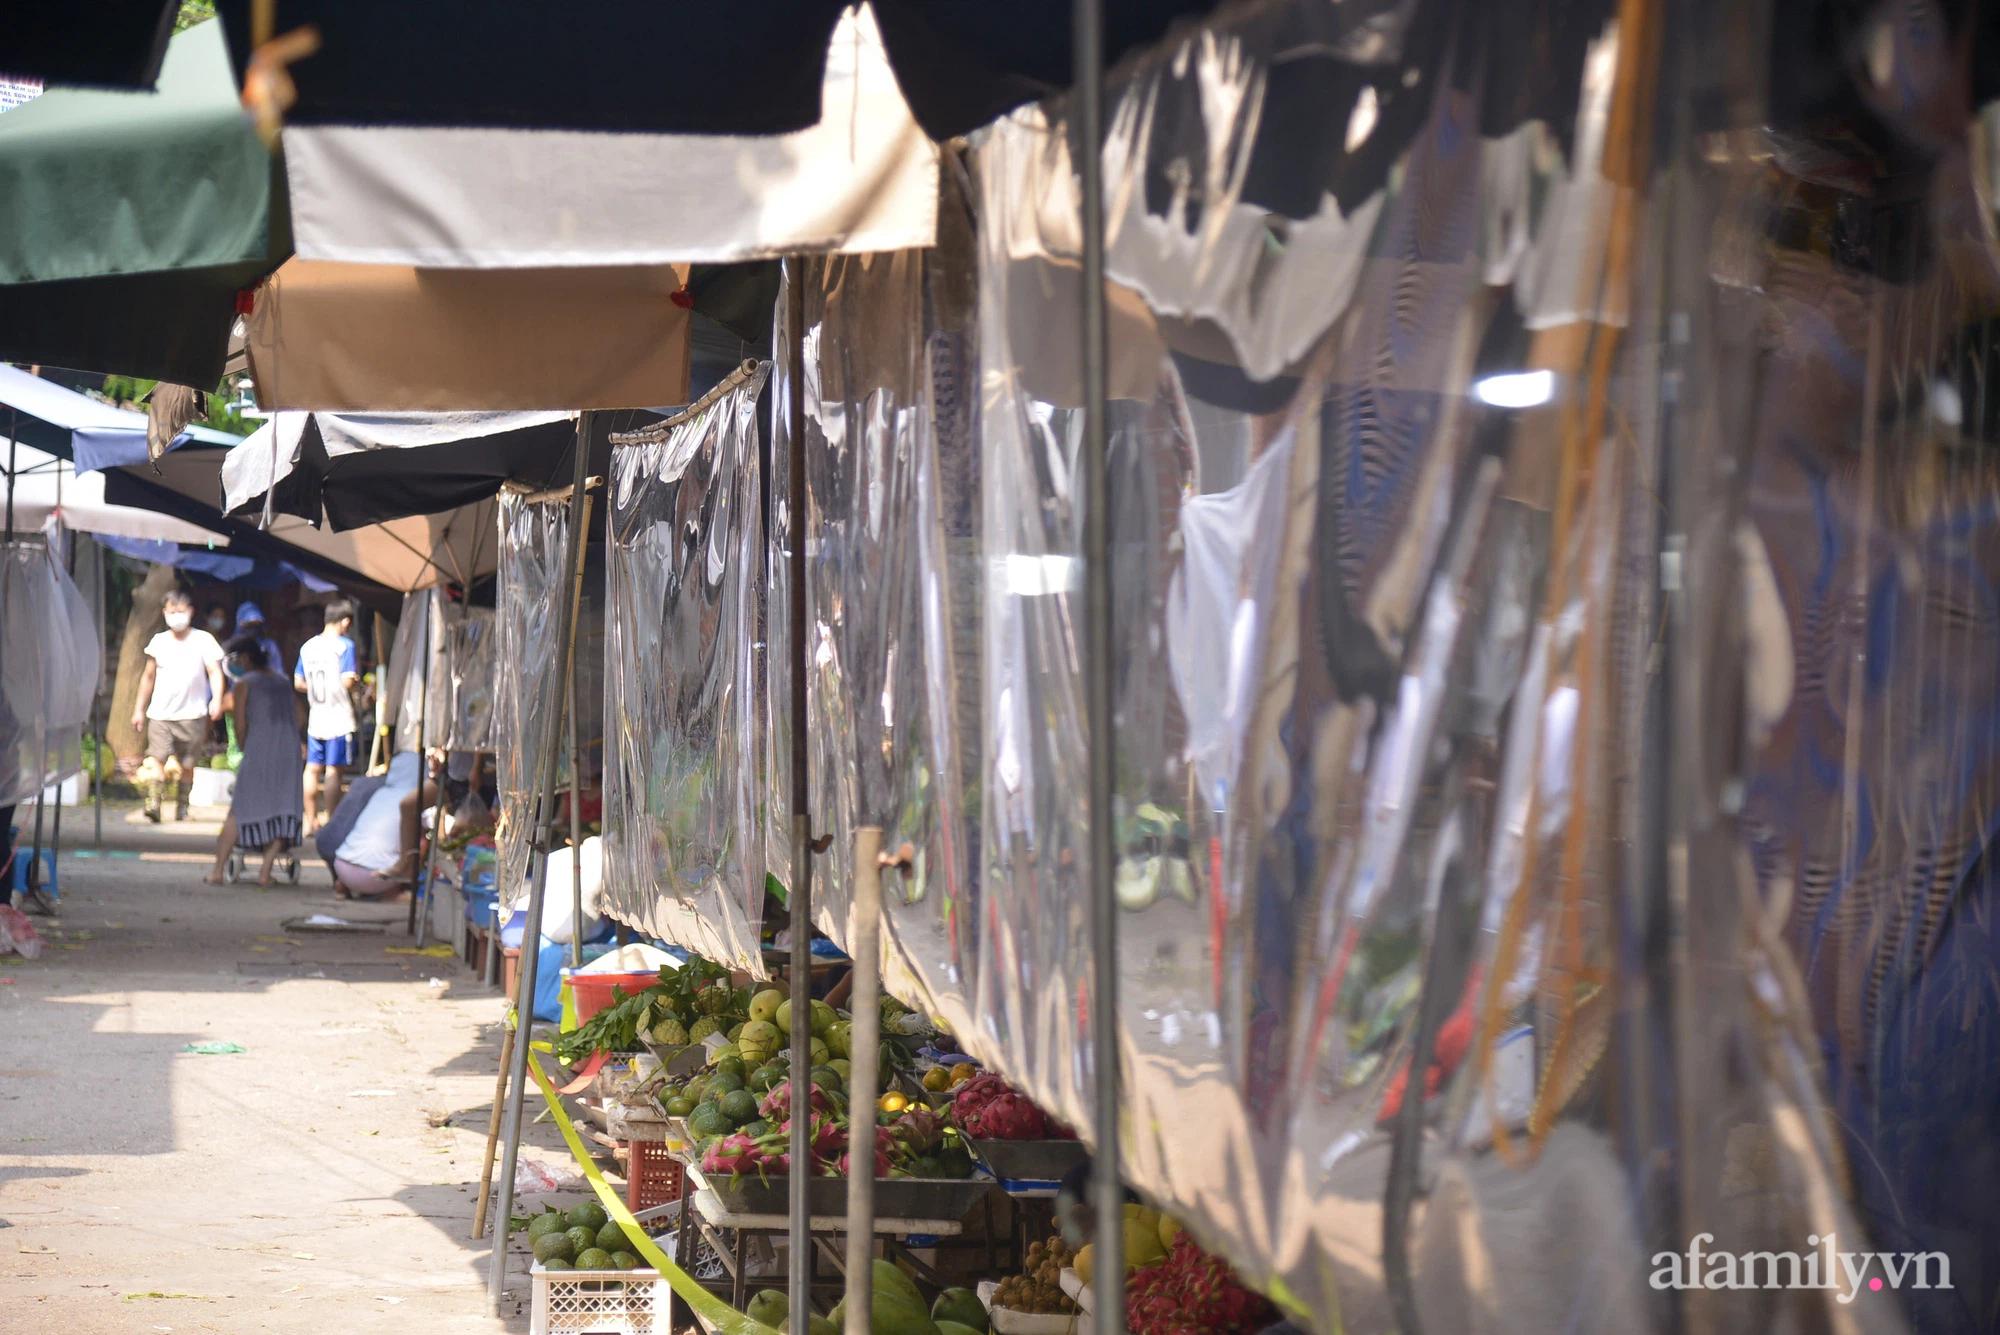 Ấn tượng với khu chợ dân sinh đầu tiên ở Hà Nội quây tấm nilon phòng dịch COVID-19, tiểu thương chia ca đứng bán theo ngày chẵn, lẻ - Ảnh 4.